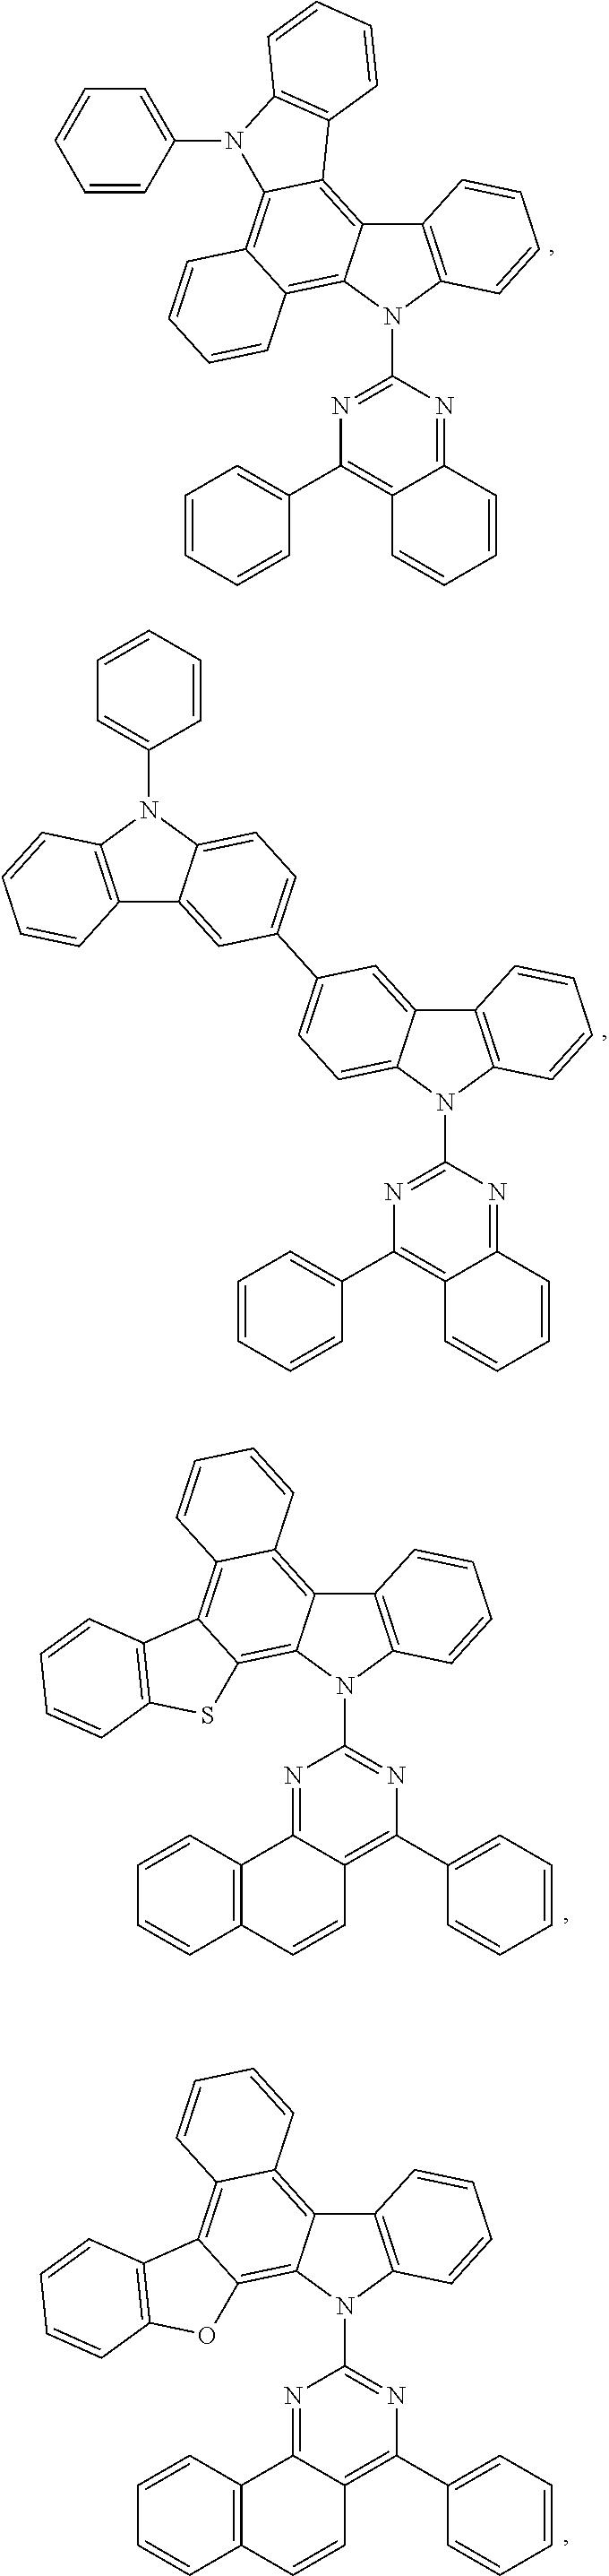 Figure US20190161504A1-20190530-C00056